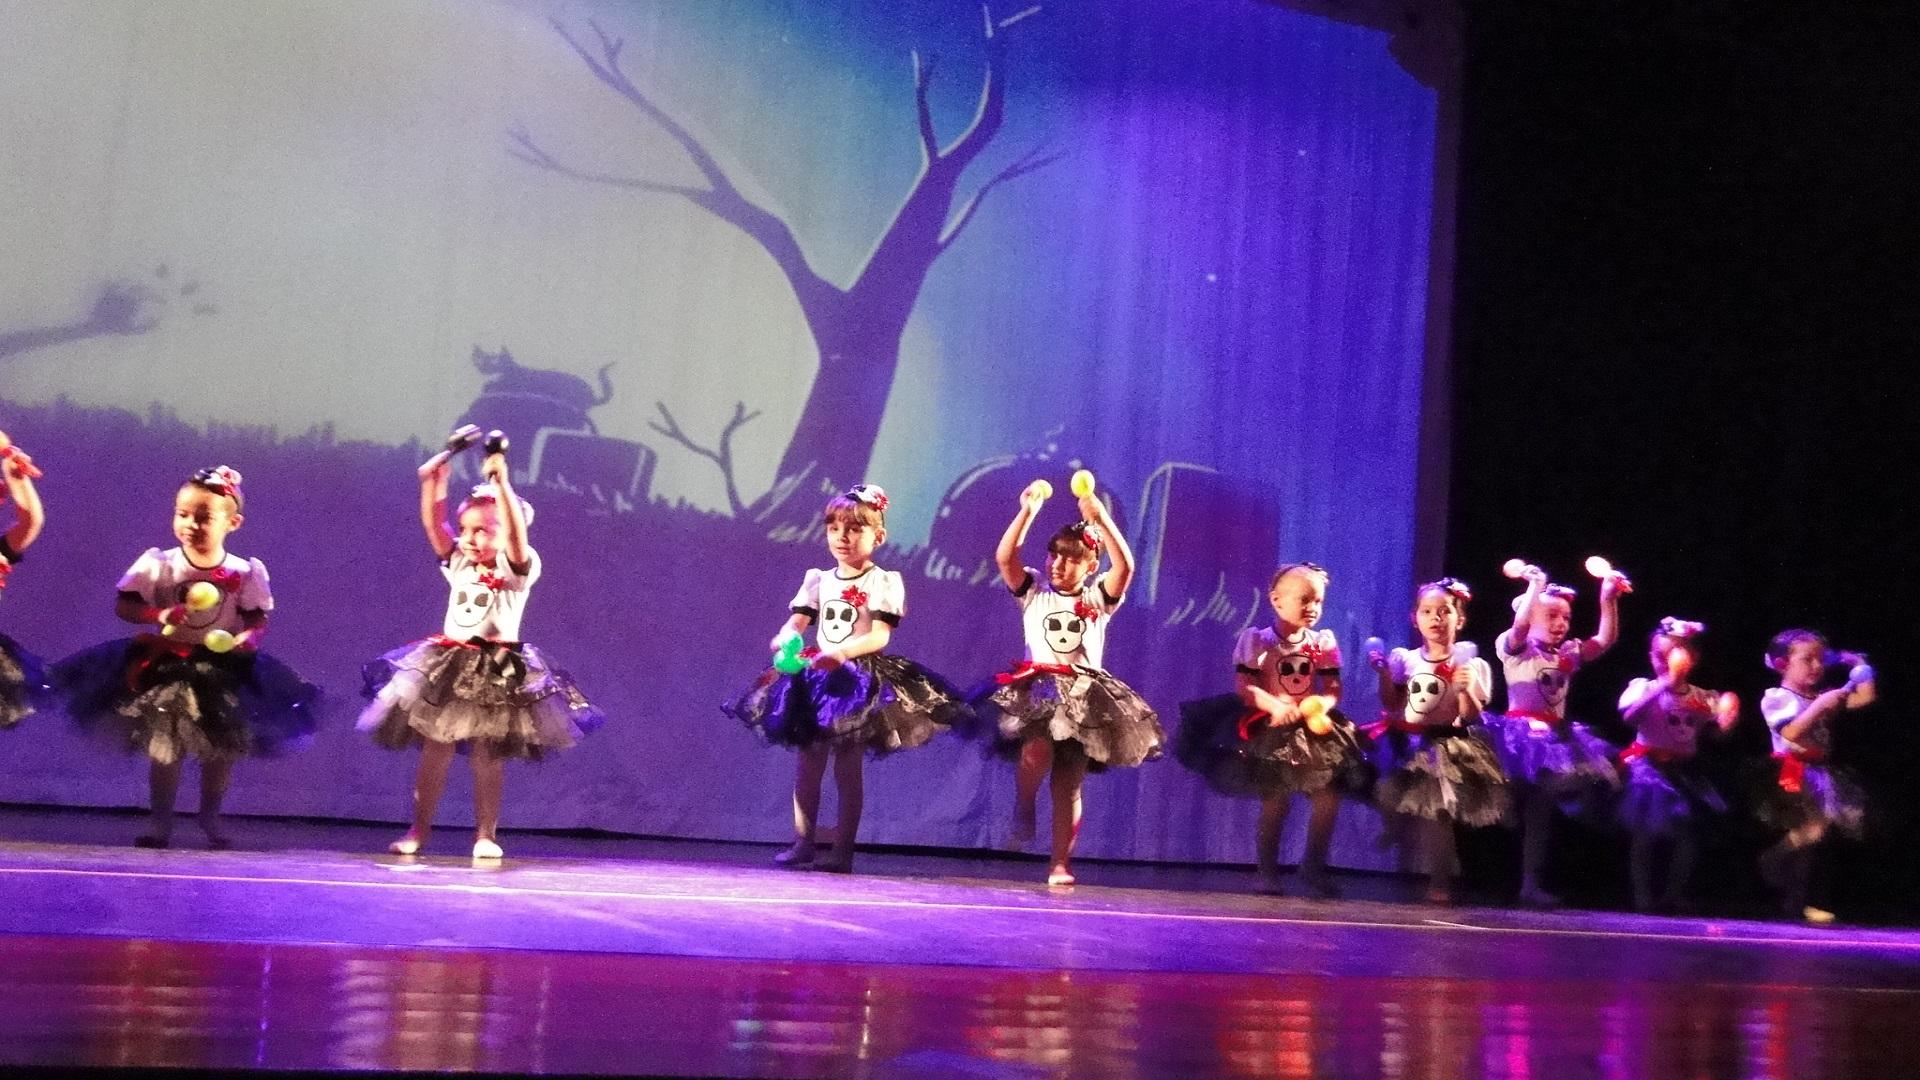 [Festival de dança - 2019]